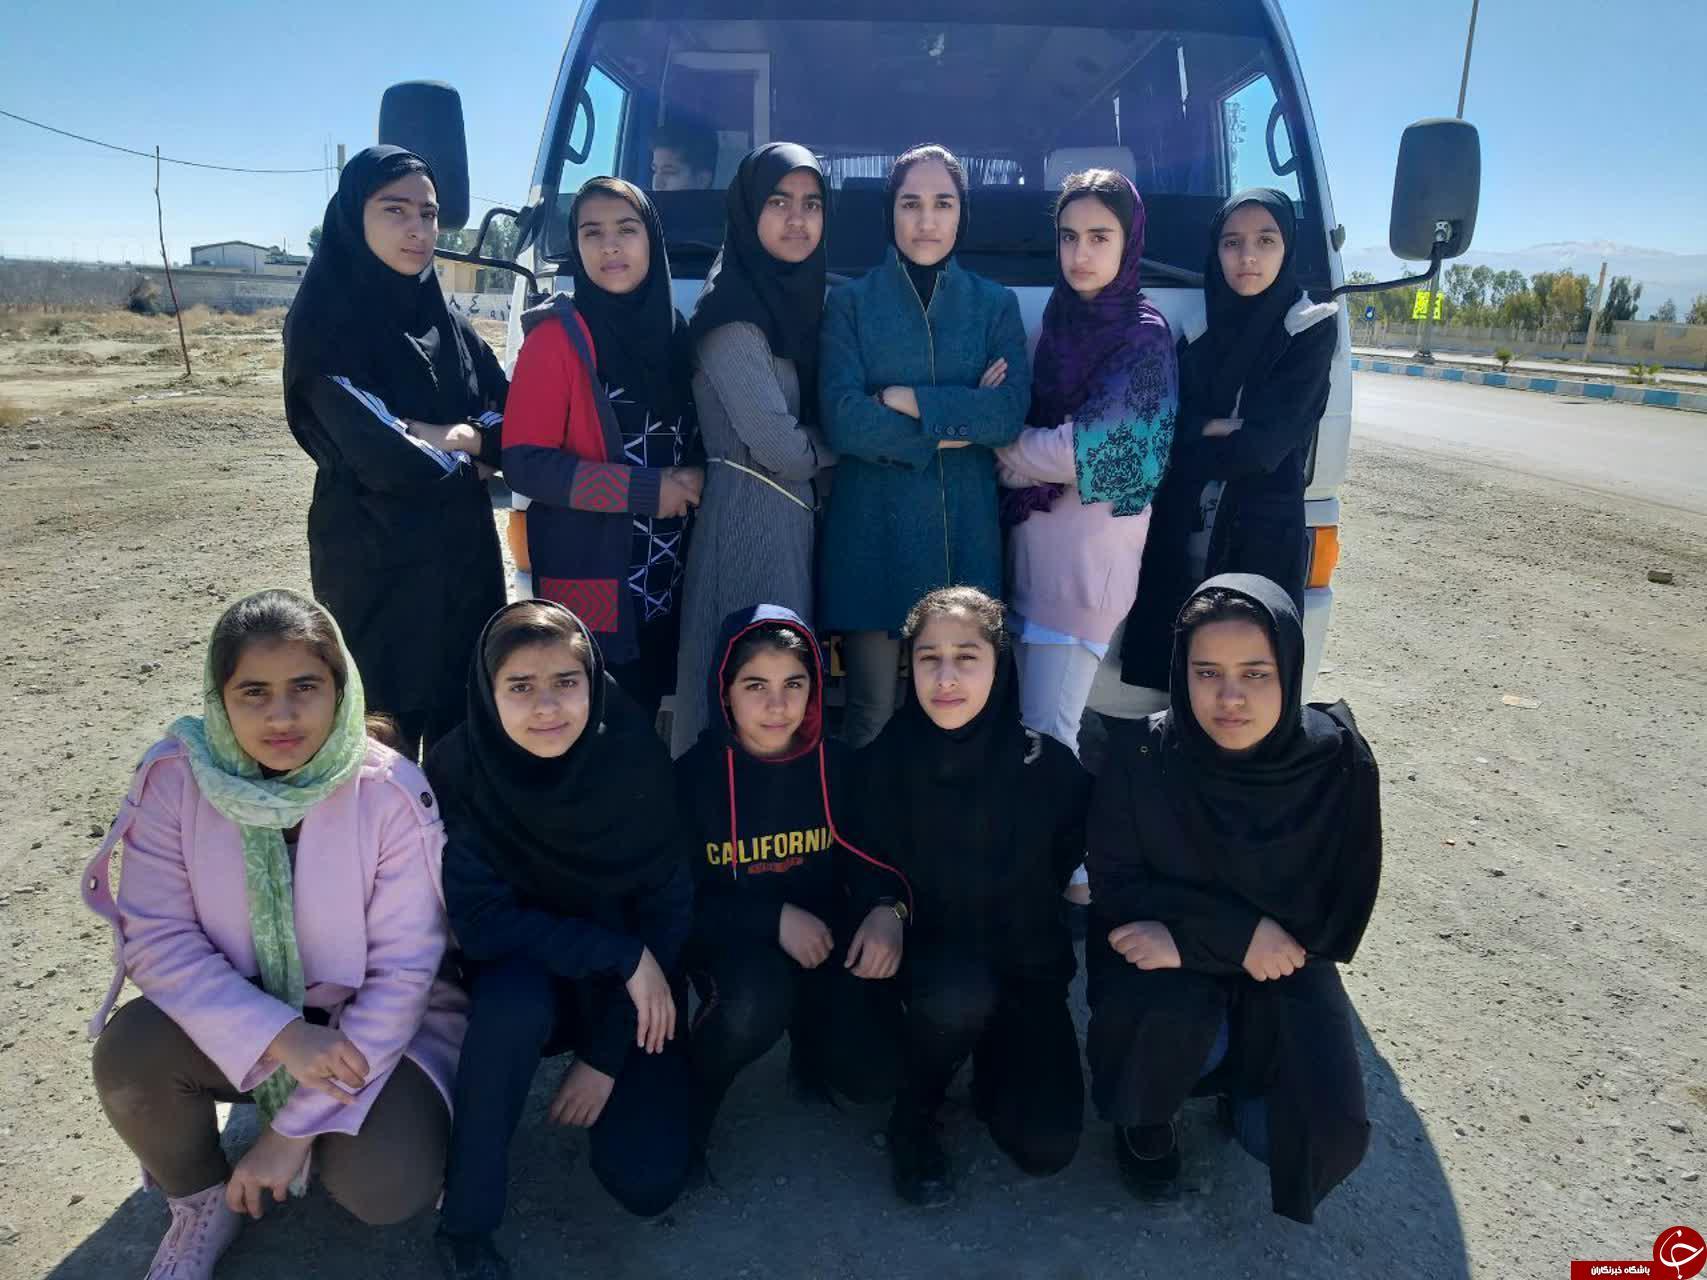 کونگ فو کاران زن کرمانی راهی شیراز شدند